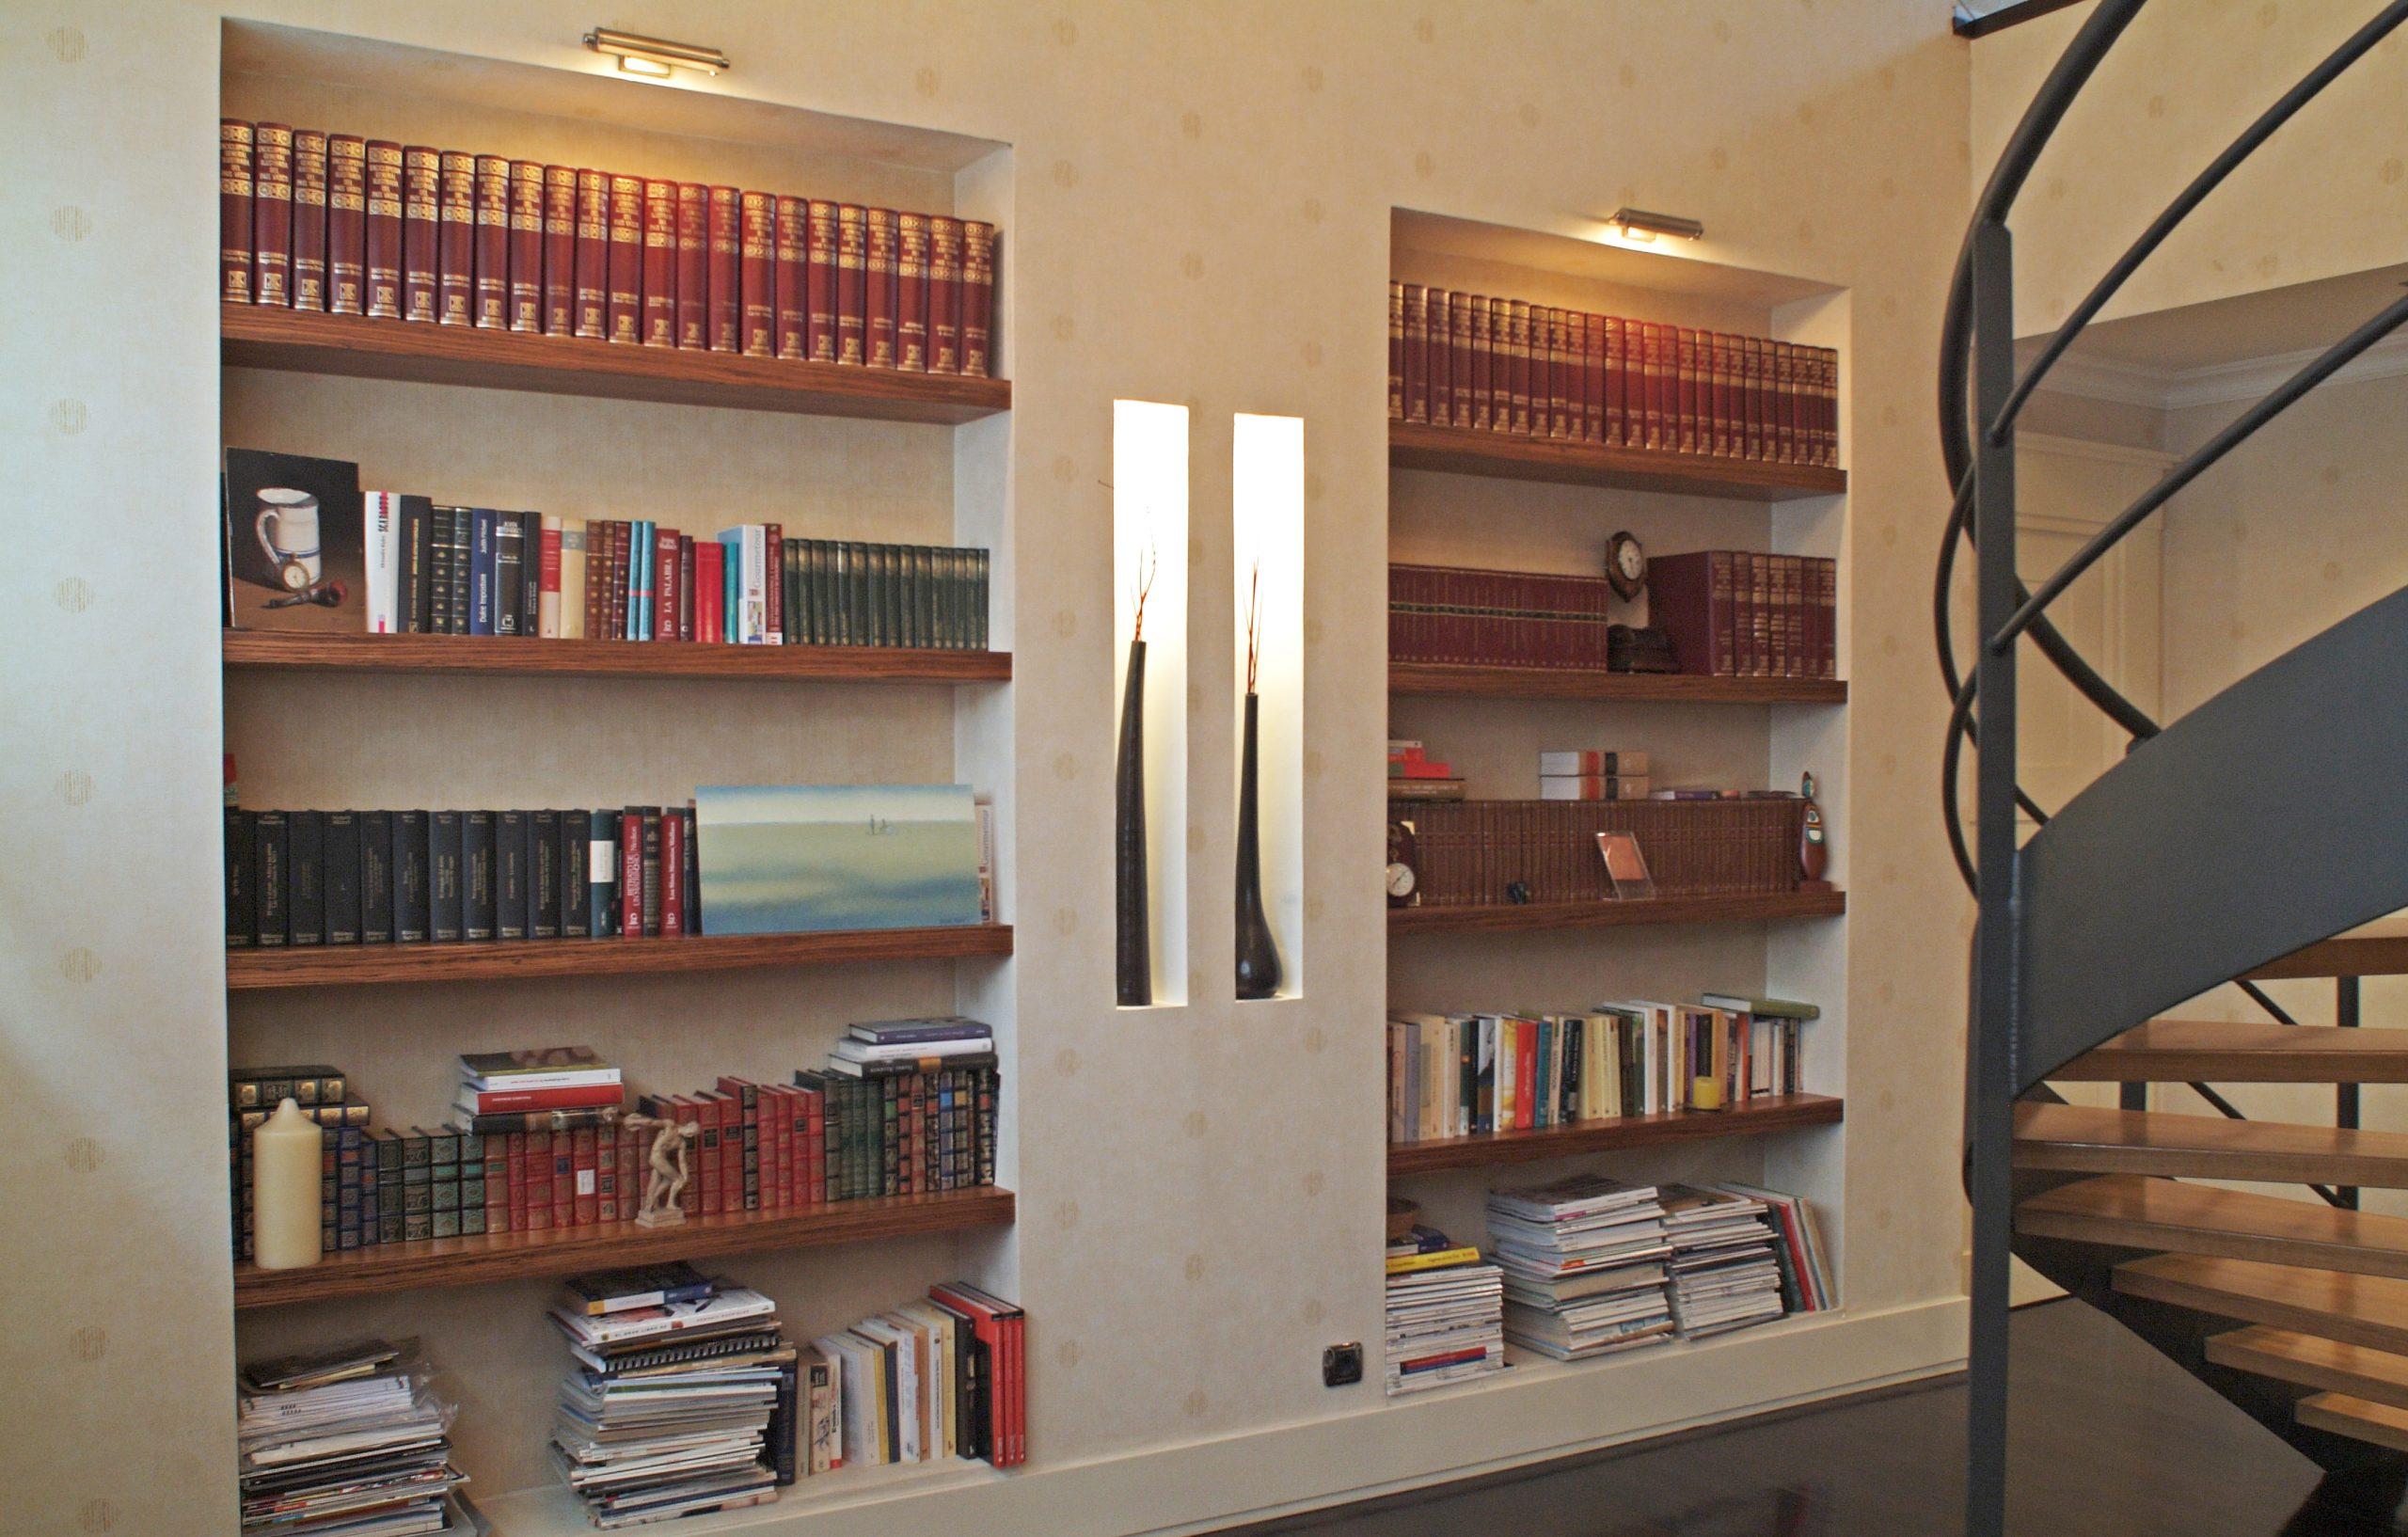 Librería a medida con nichos de pladur y baldas de nogal empotradas realizado por Tribeca.